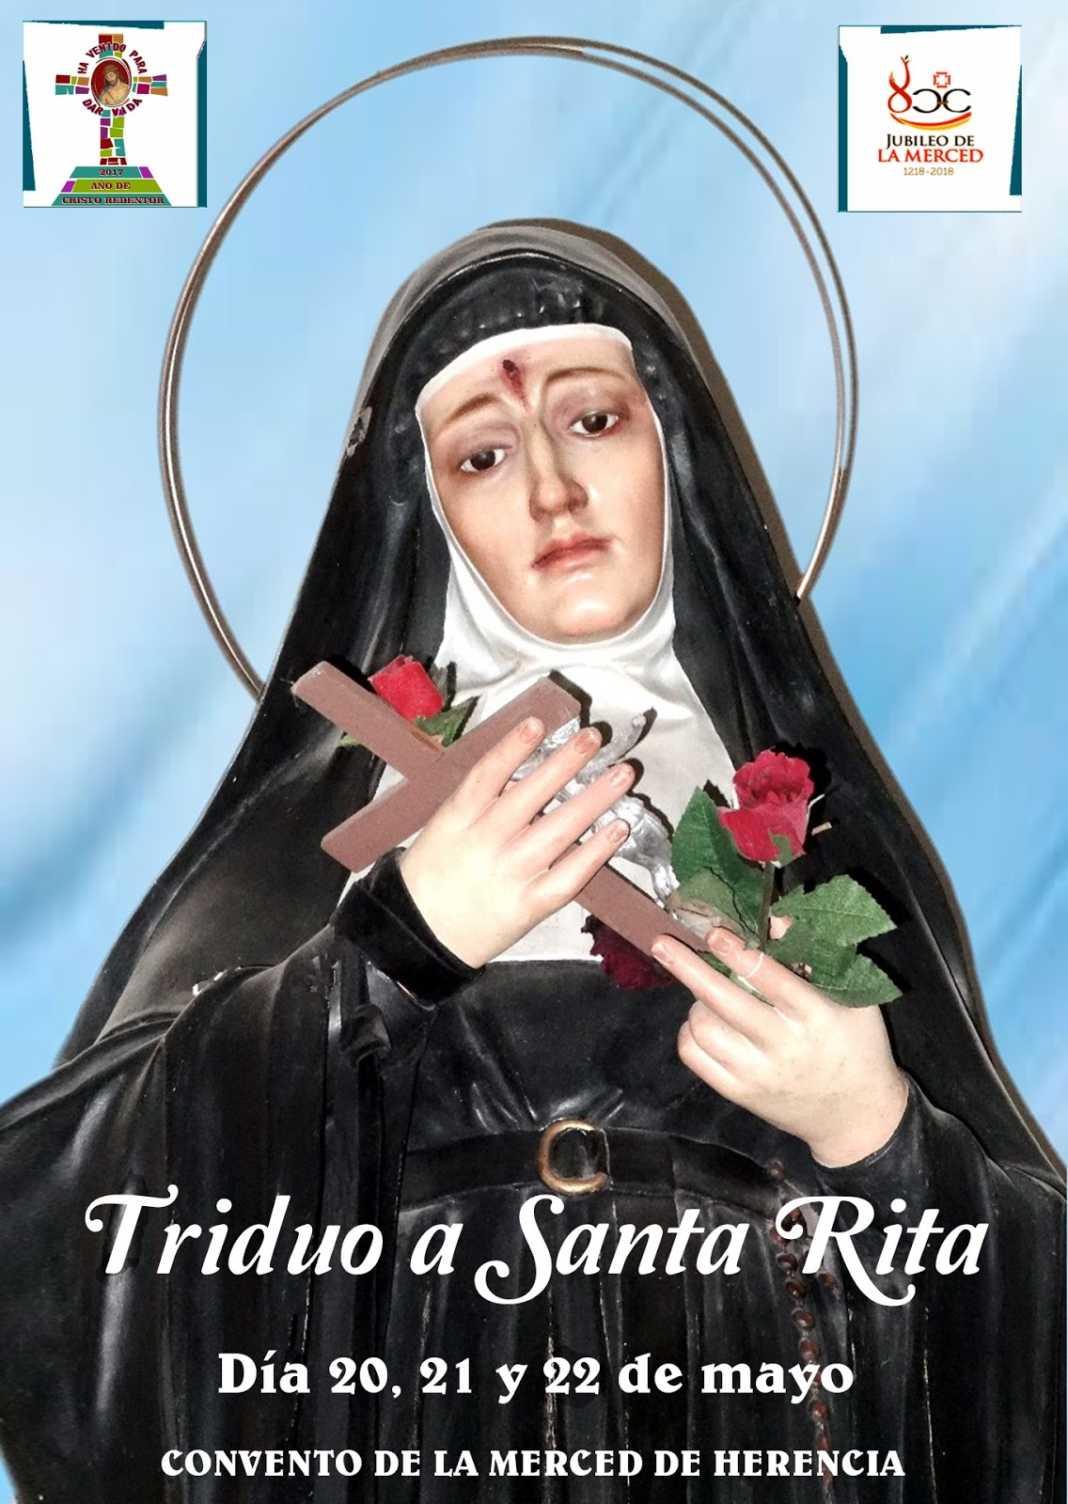 santa rita 1068x1504 - Triduo en honor a Santa Rita